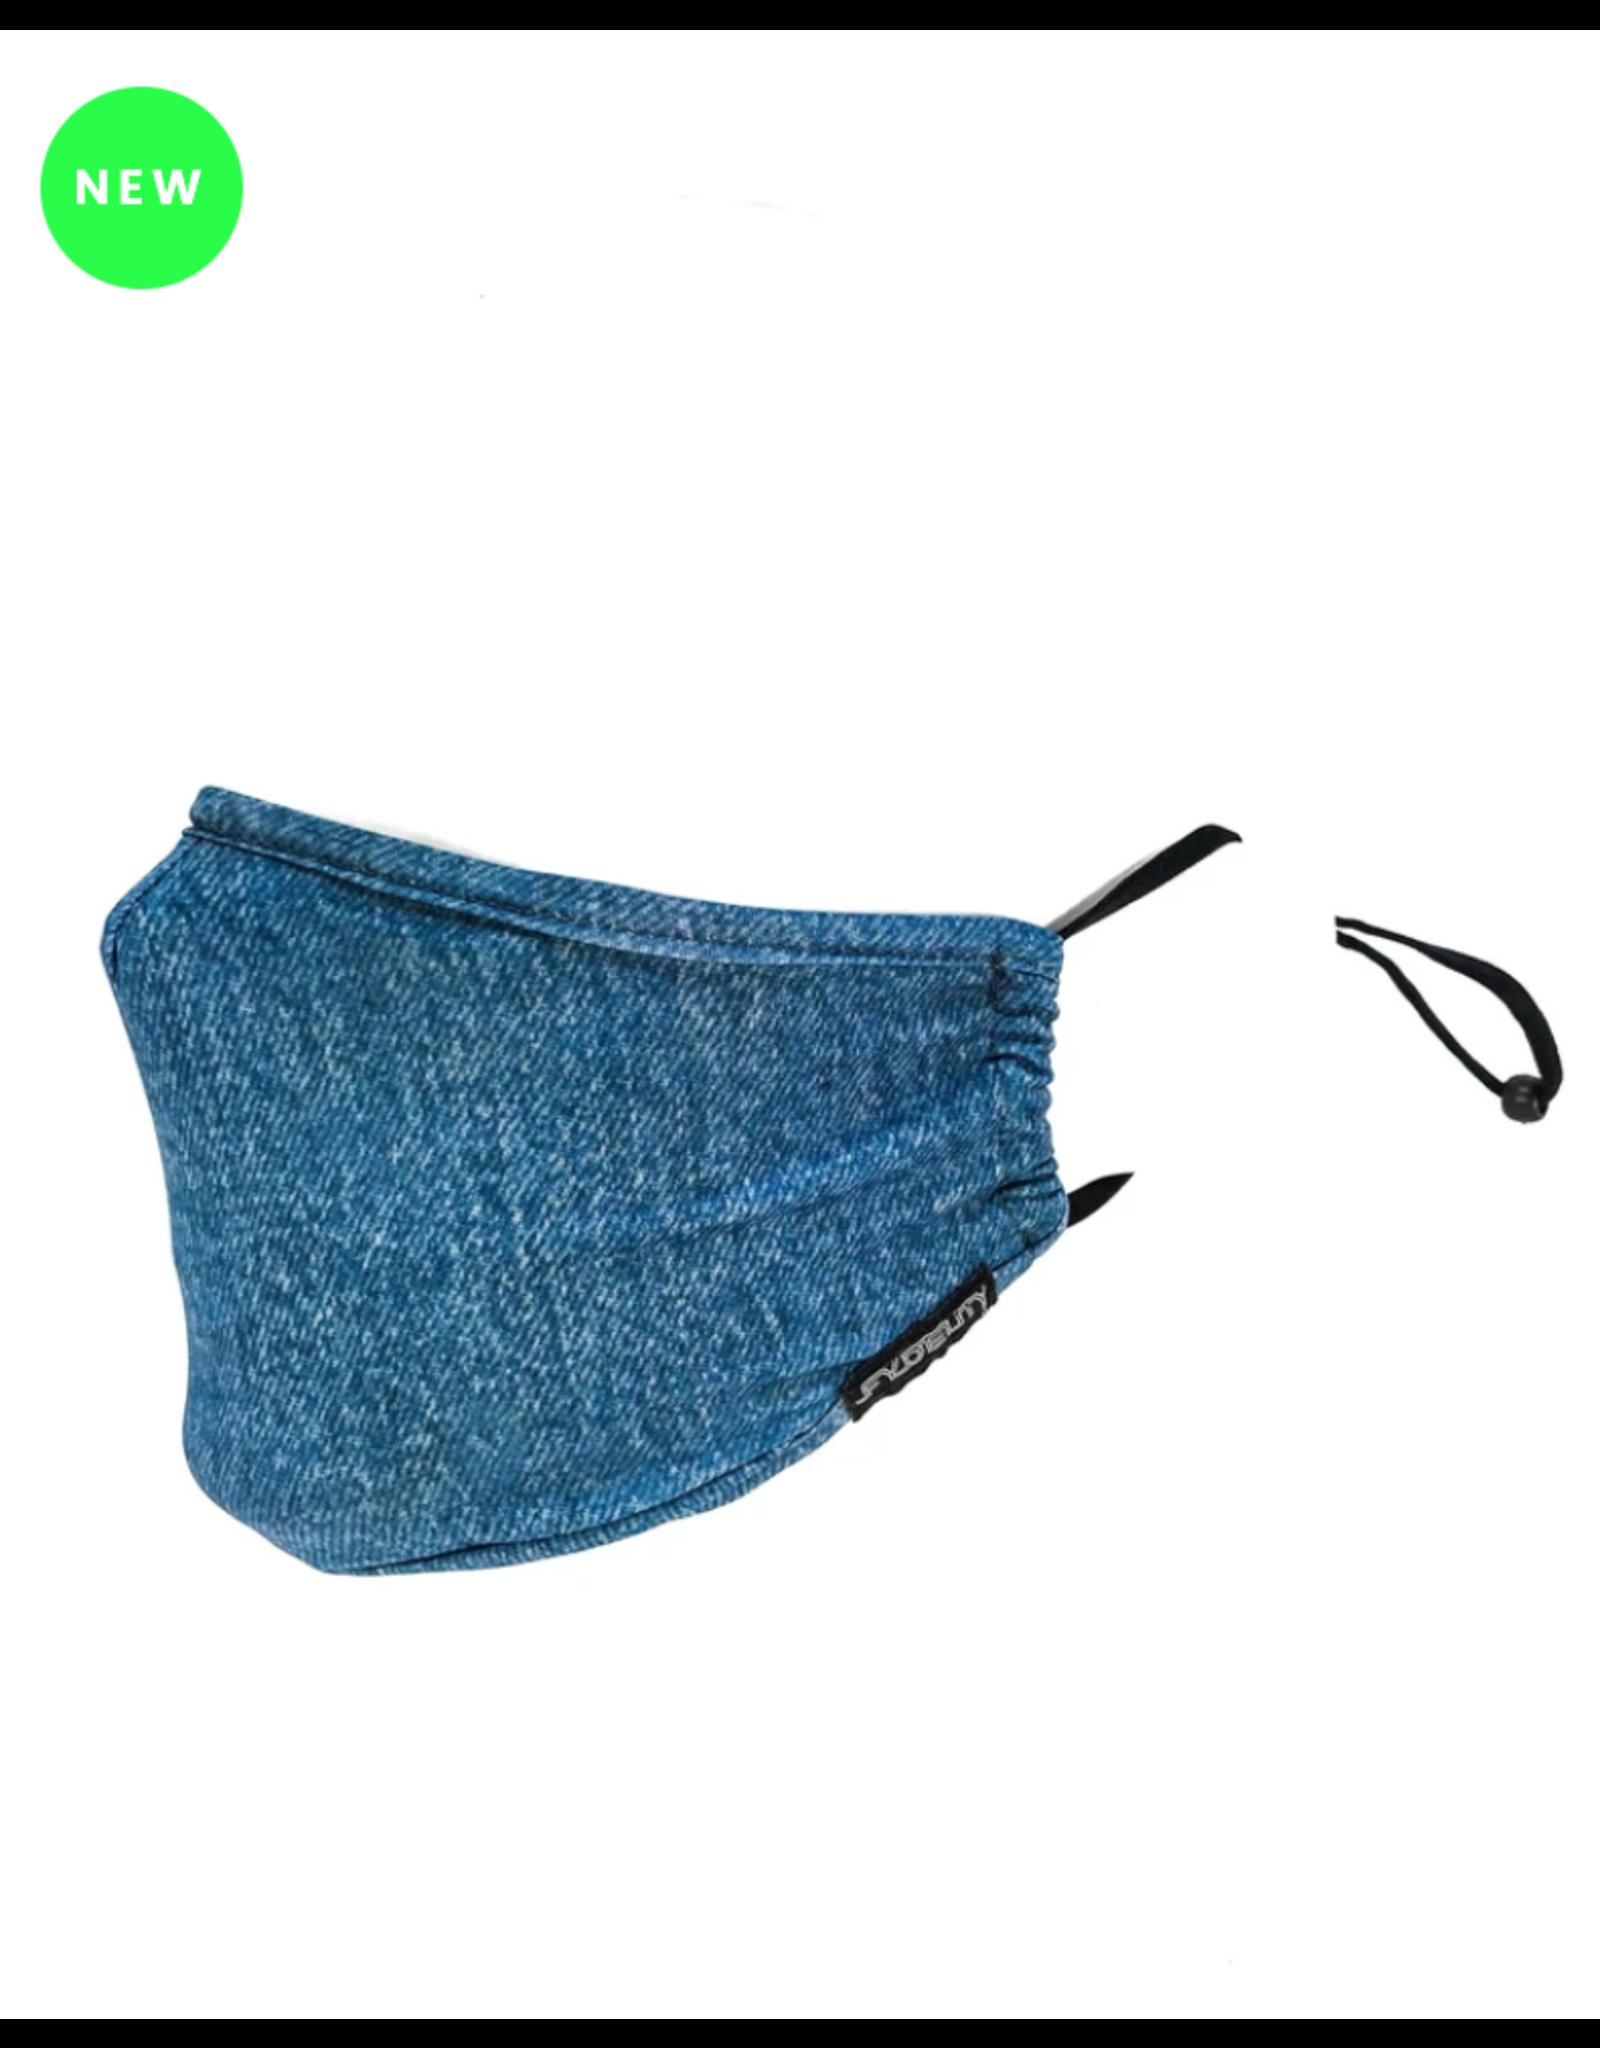 FYDELITY FYDELITY Face Mask - Blue Jean